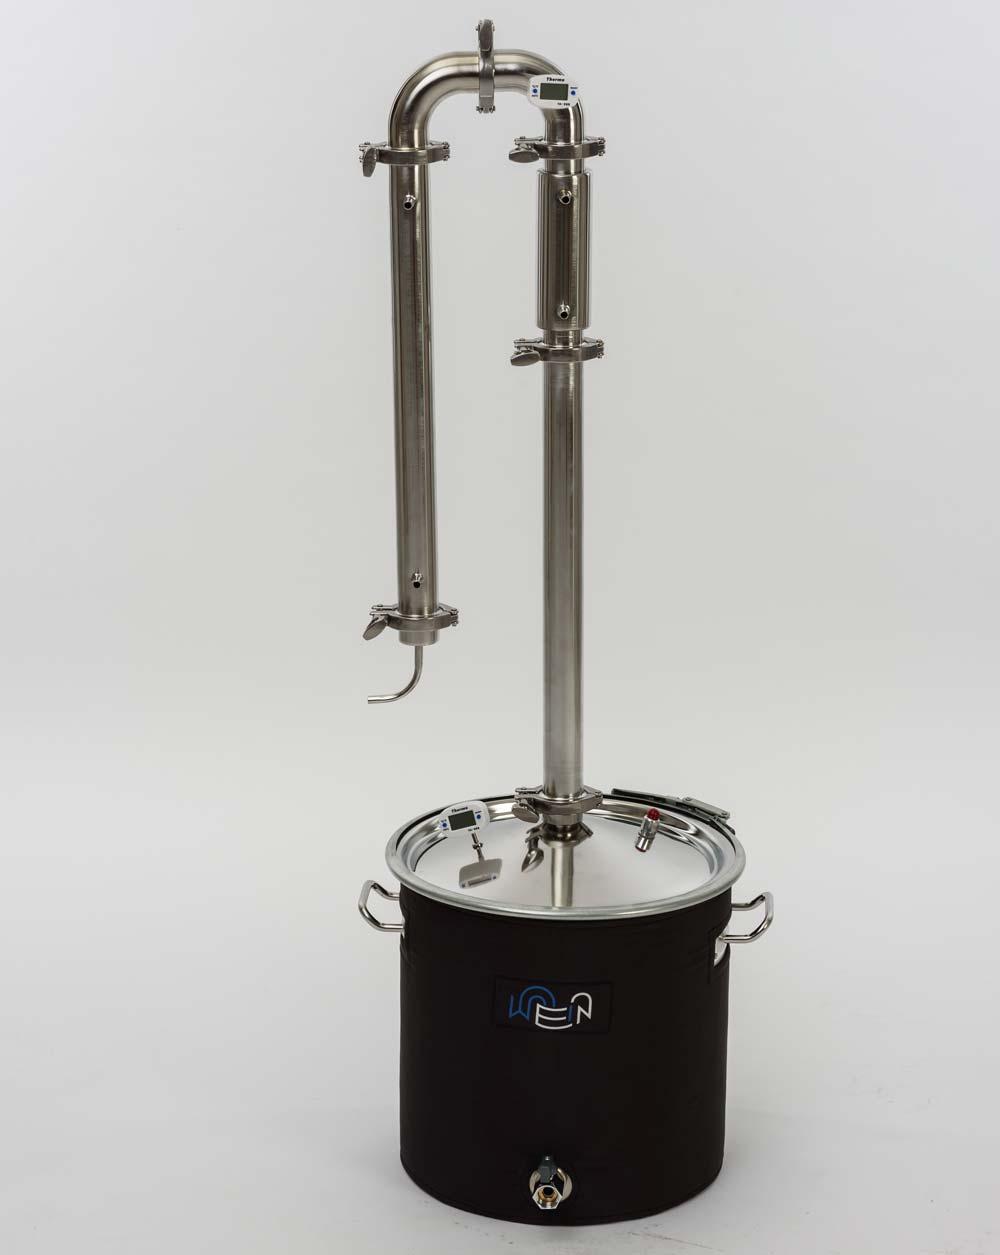 Вейн самогонный аппарат купить в москве воздушное охлаждение для самогонного аппарата своими руками